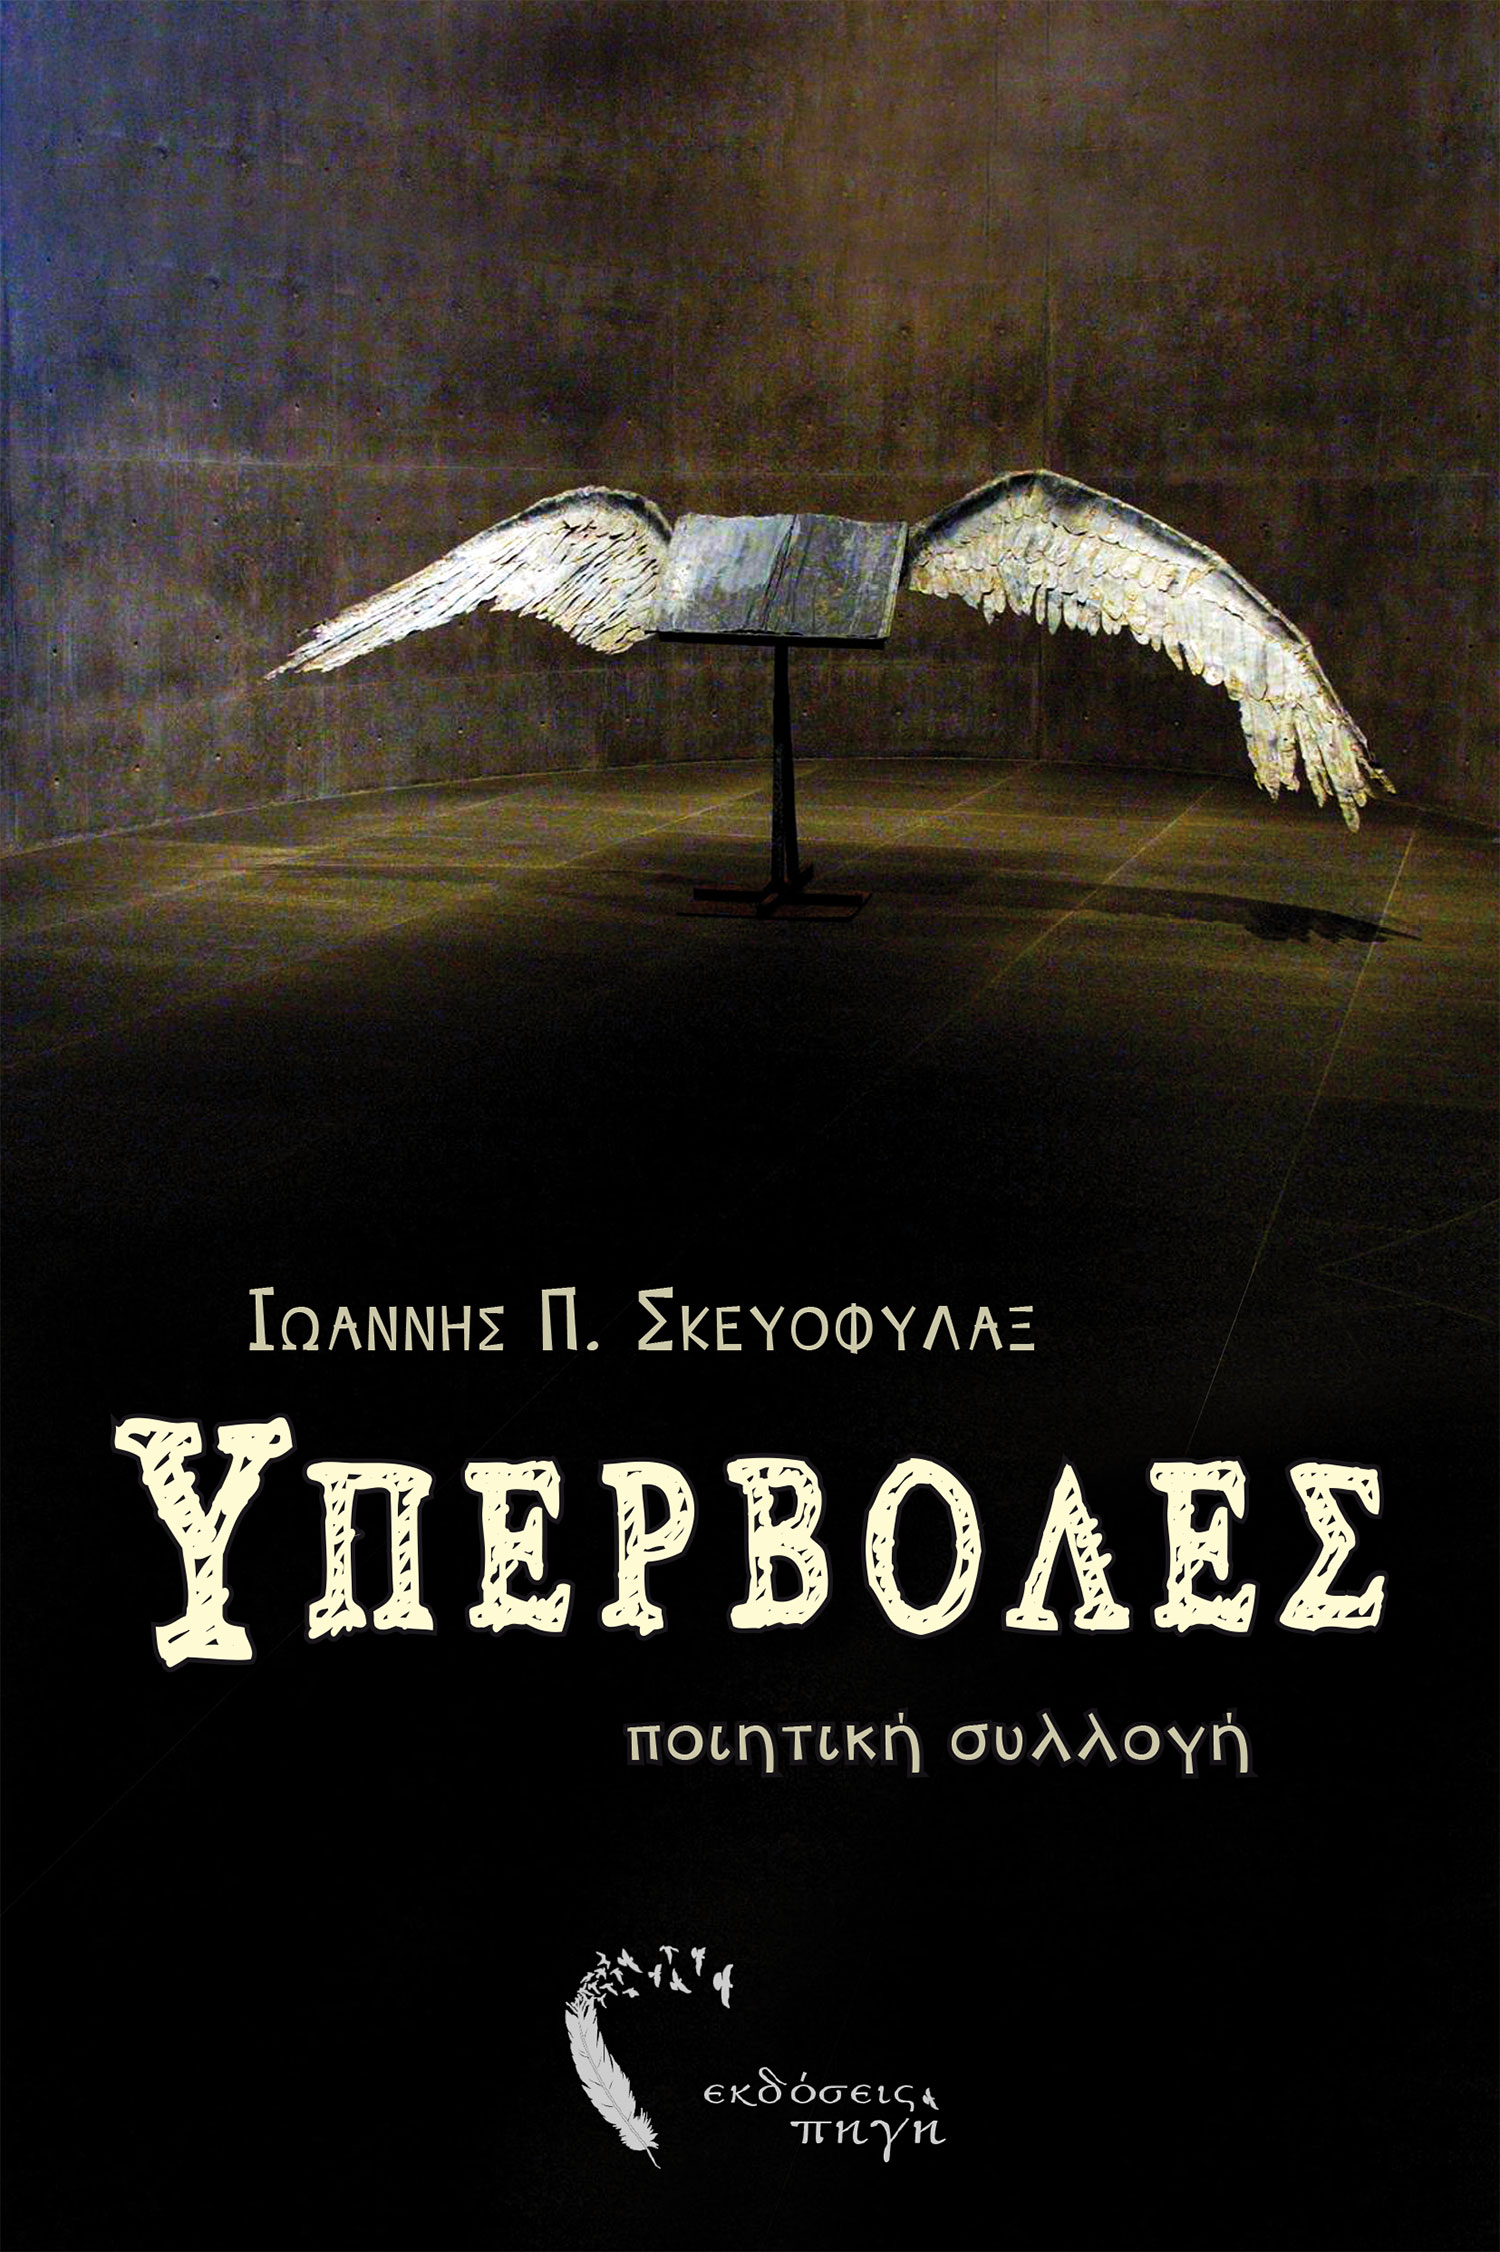 Υπερβολές, Ιωάννης Σκευοφύλαξ, Εκδόσεις Πηγή - www.pigi.gr